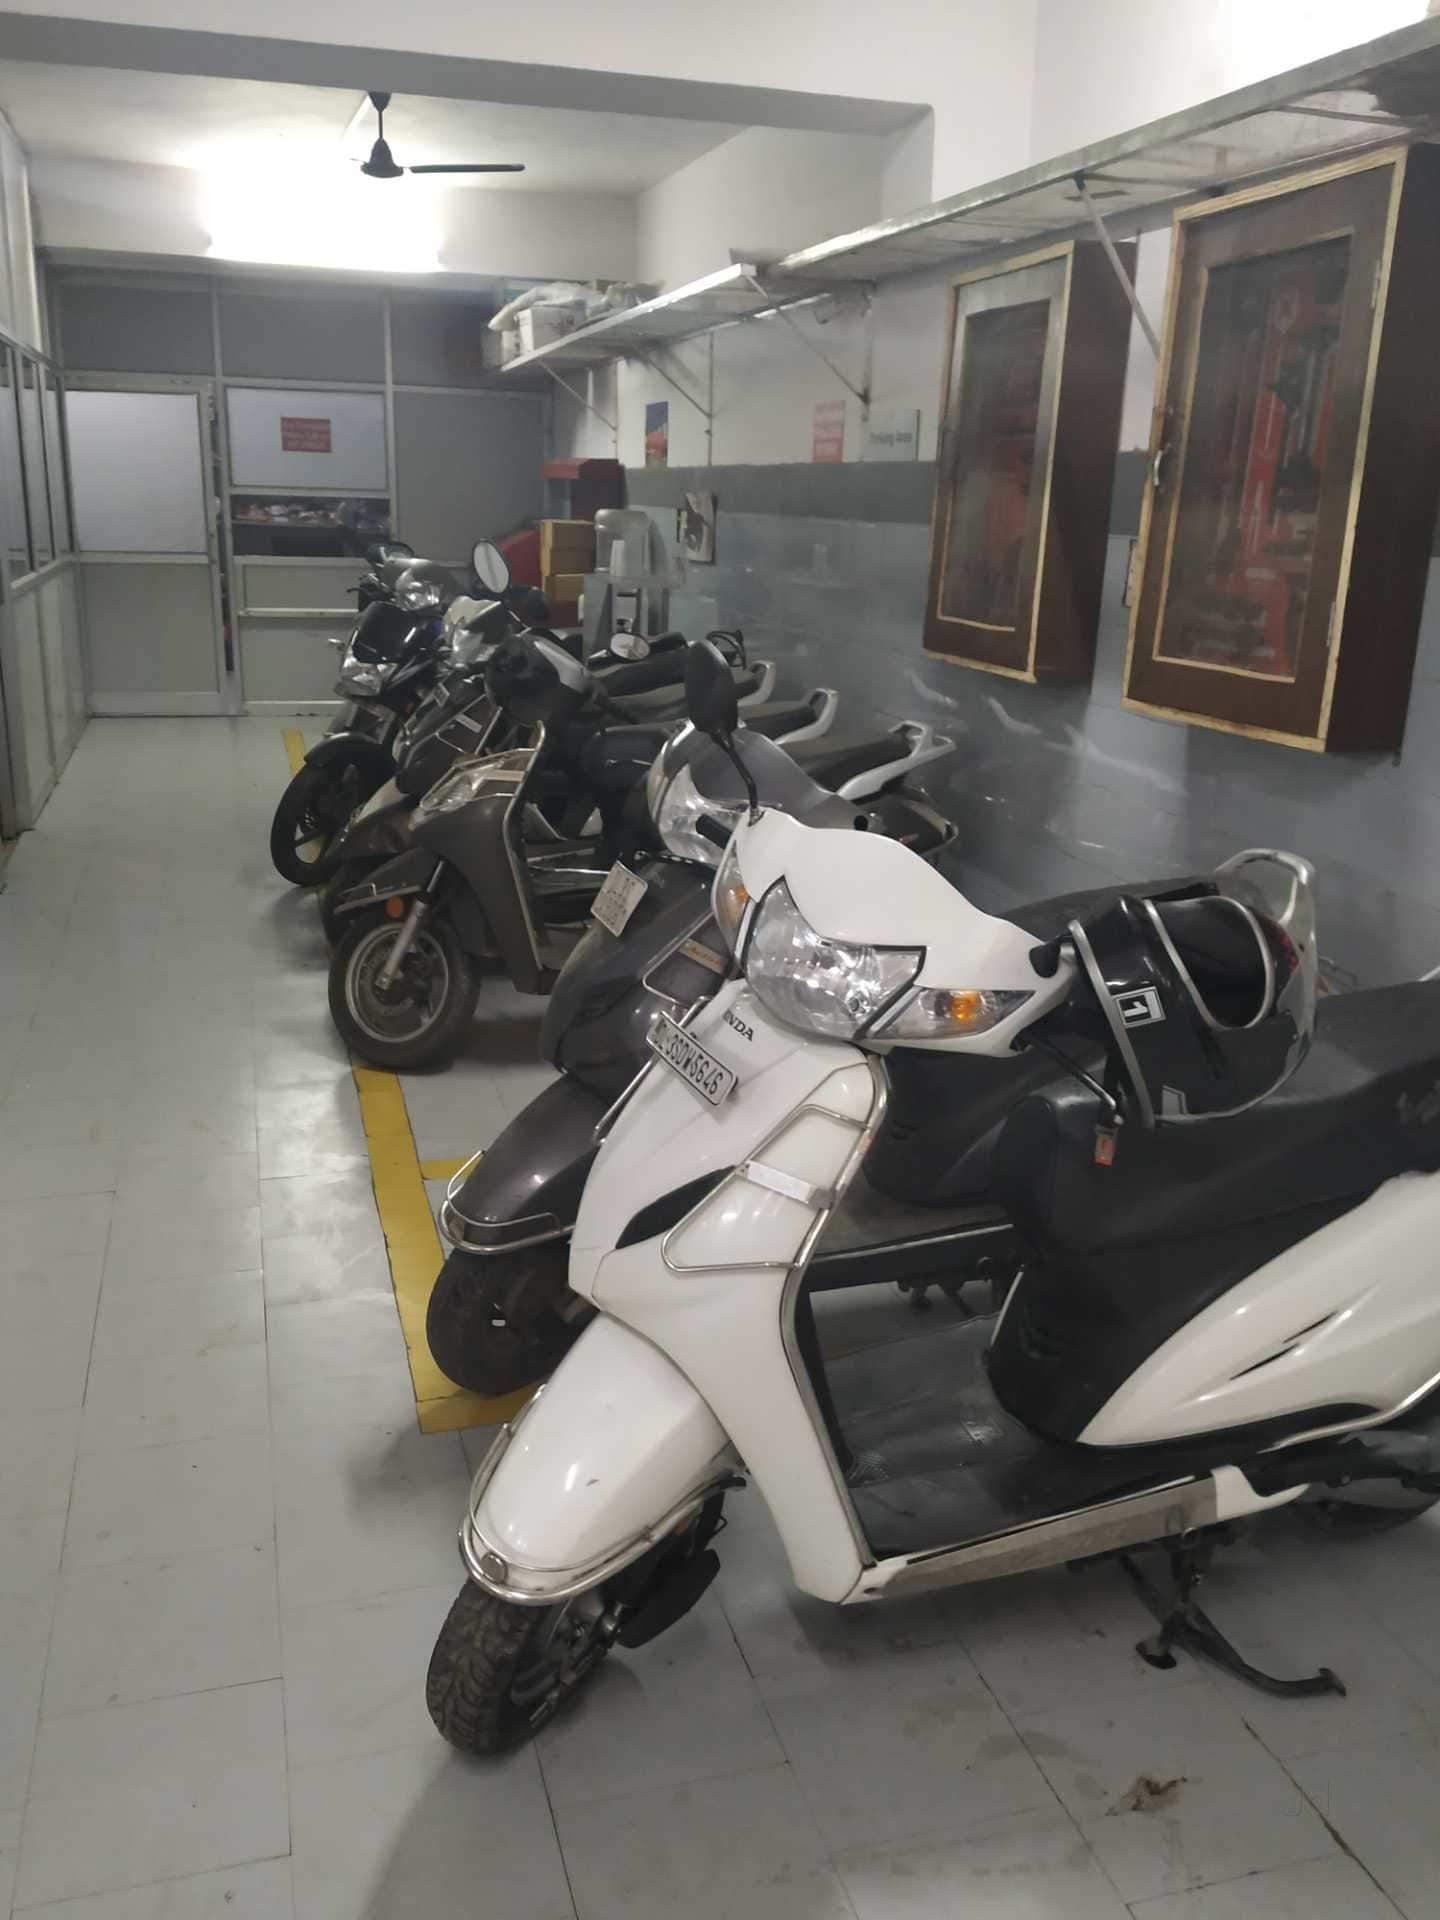 Honda Scooter Repair Services In Kotla Mubarakpur Delhi Two